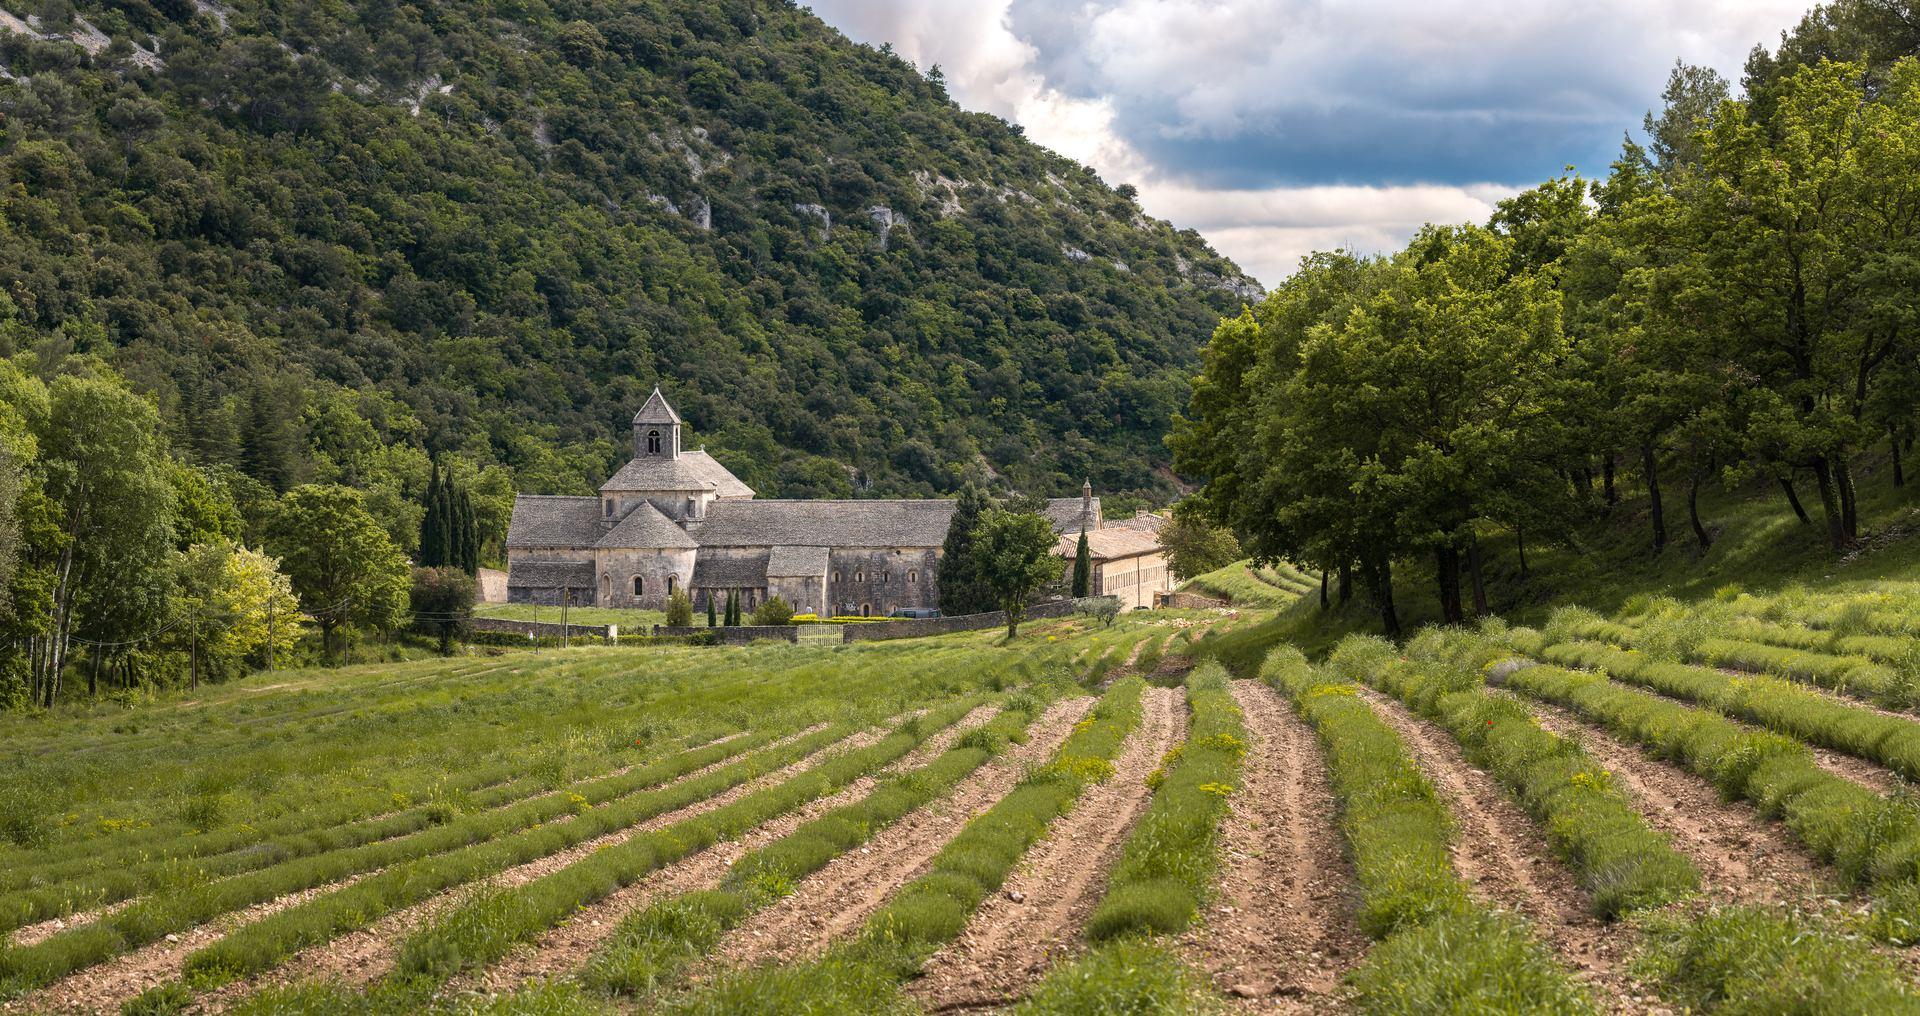 stories/2019-11-05-amazing-provence/abbaye-notre-dame-de-senanque